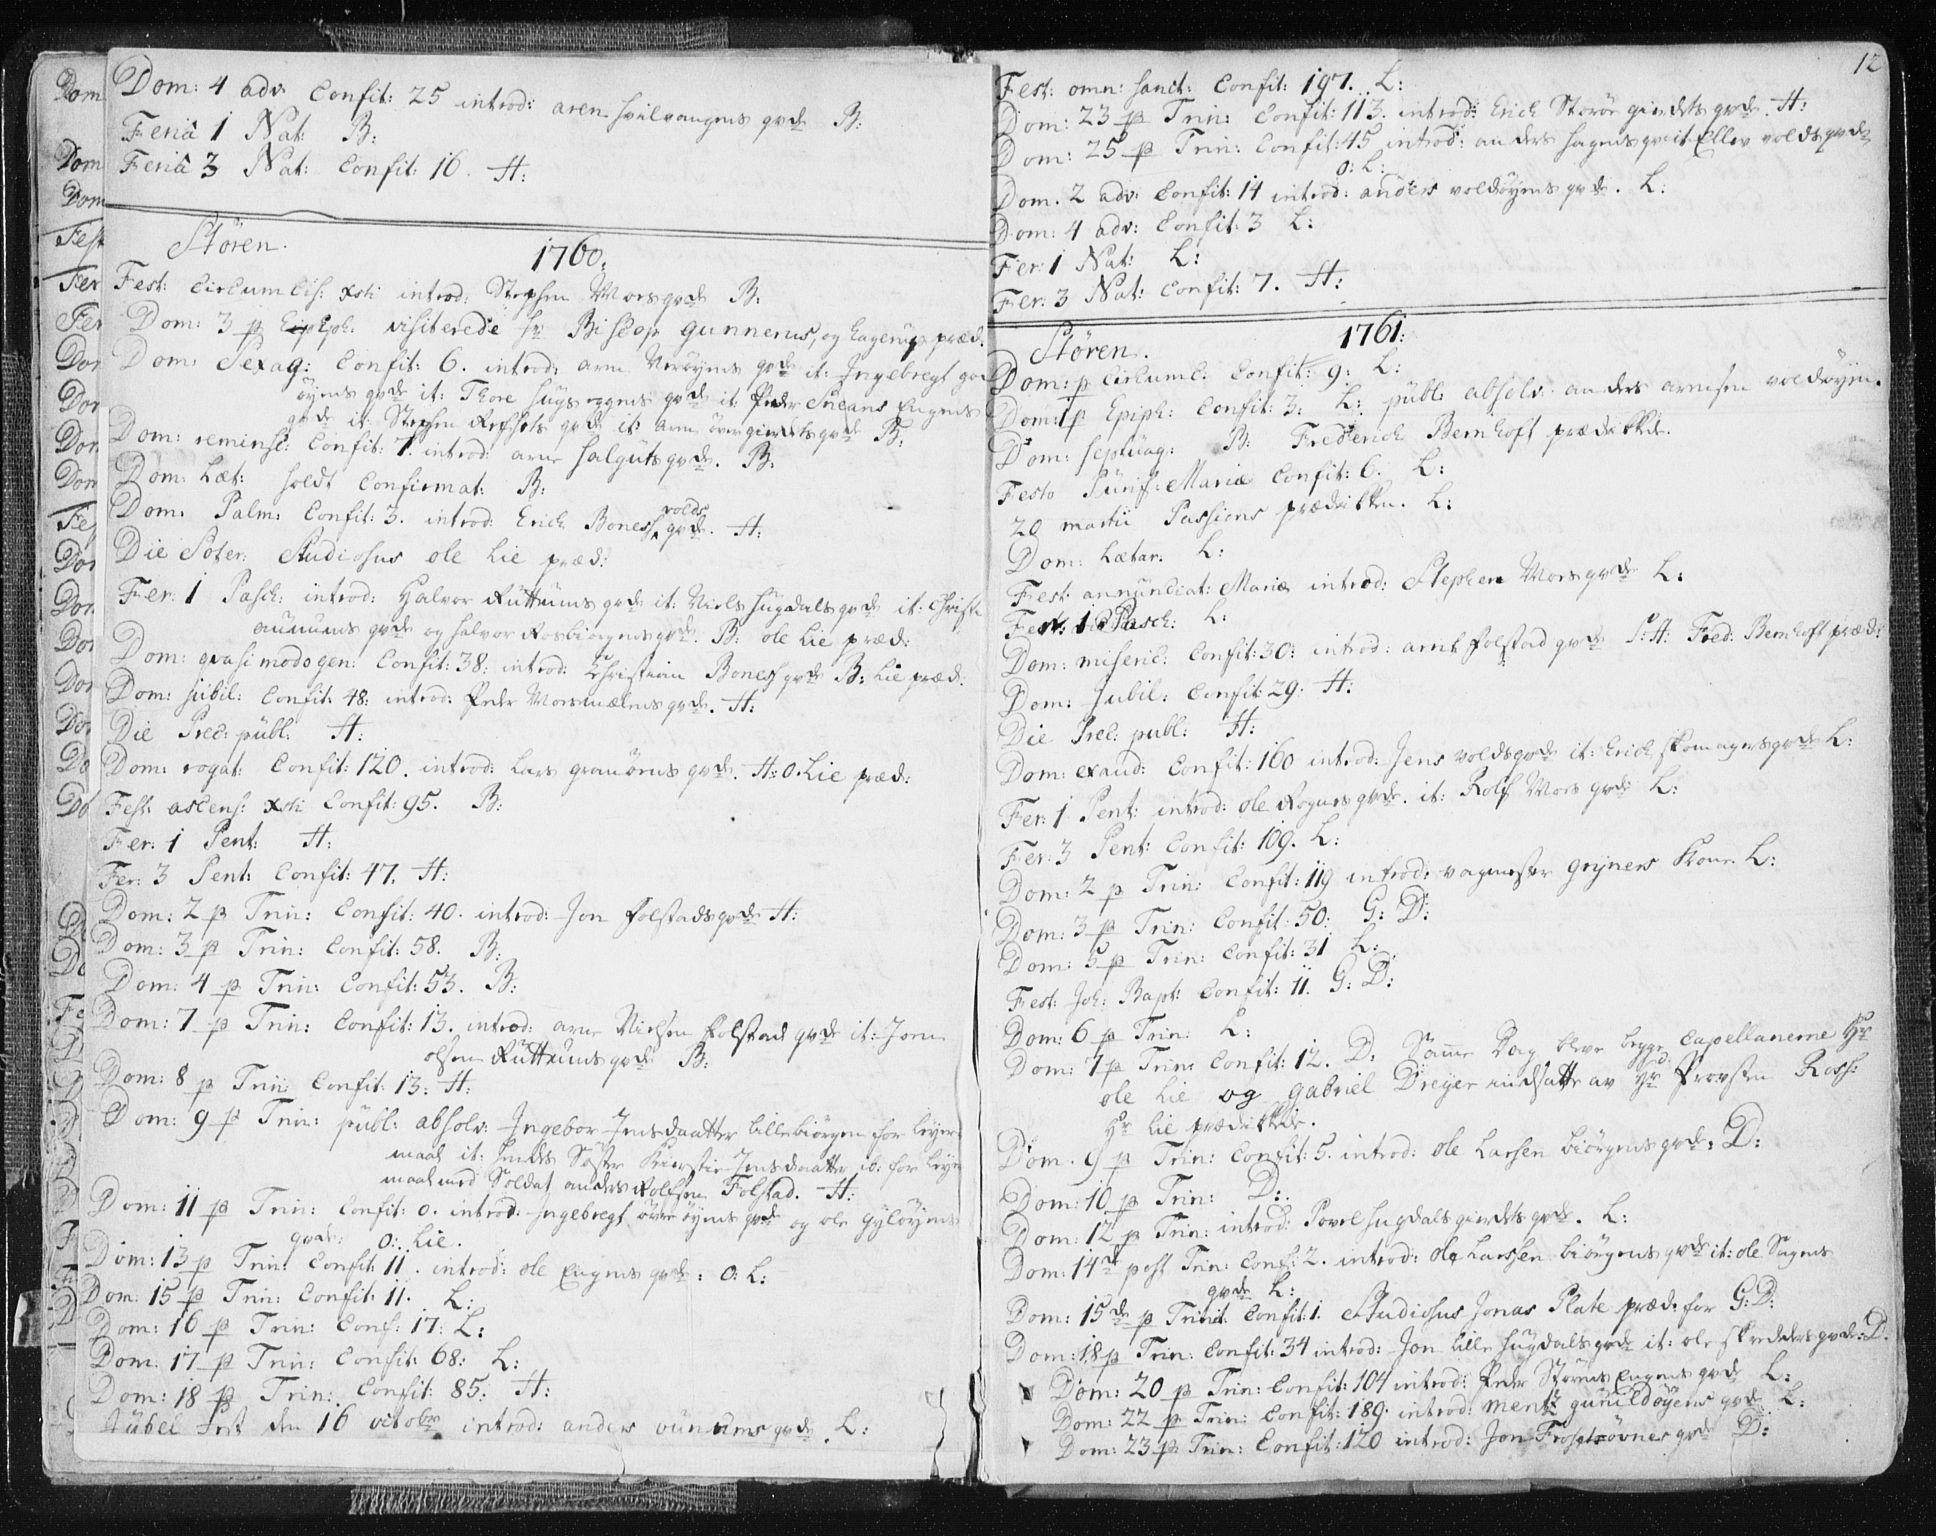 SAT, Ministerialprotokoller, klokkerbøker og fødselsregistre - Sør-Trøndelag, 687/L0991: Ministerialbok nr. 687A02, 1747-1790, s. 12